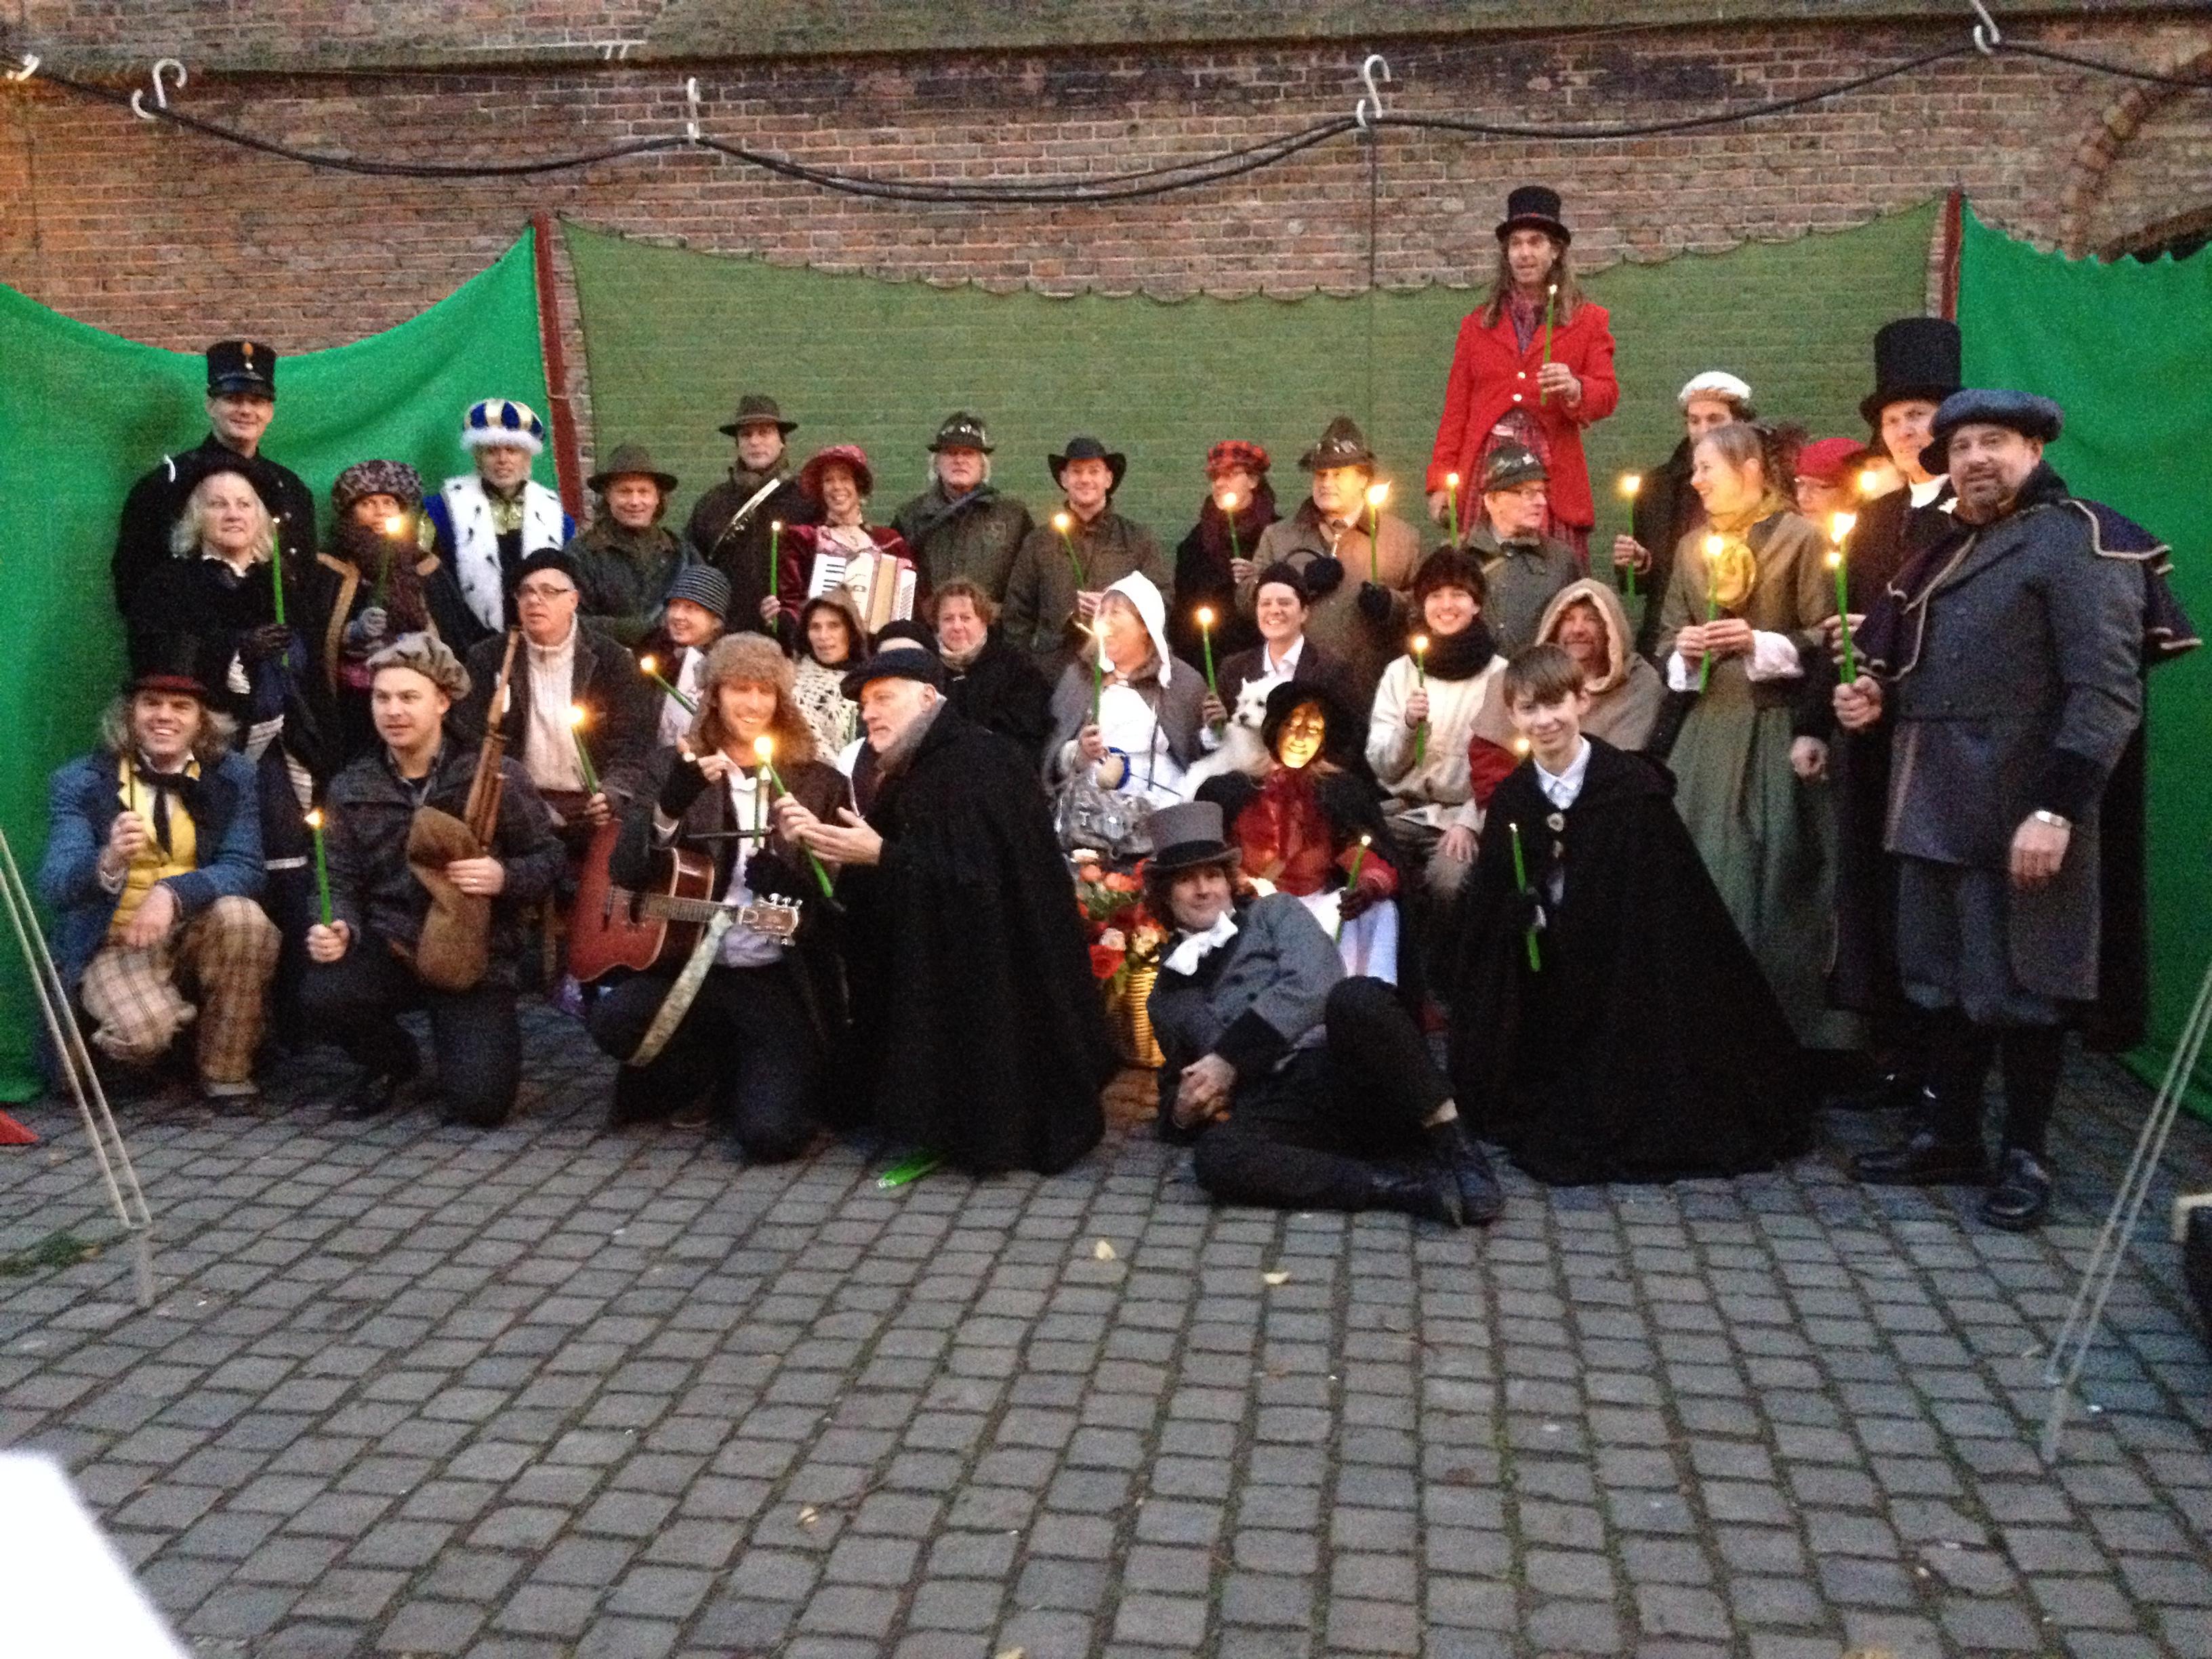 Kasteelschutters Huurling.nu Longbowman LS-Talent Handboogschieten Schietbaan Boogschieten Koning Winter Charles Dickens Evenementen Festival Braderie